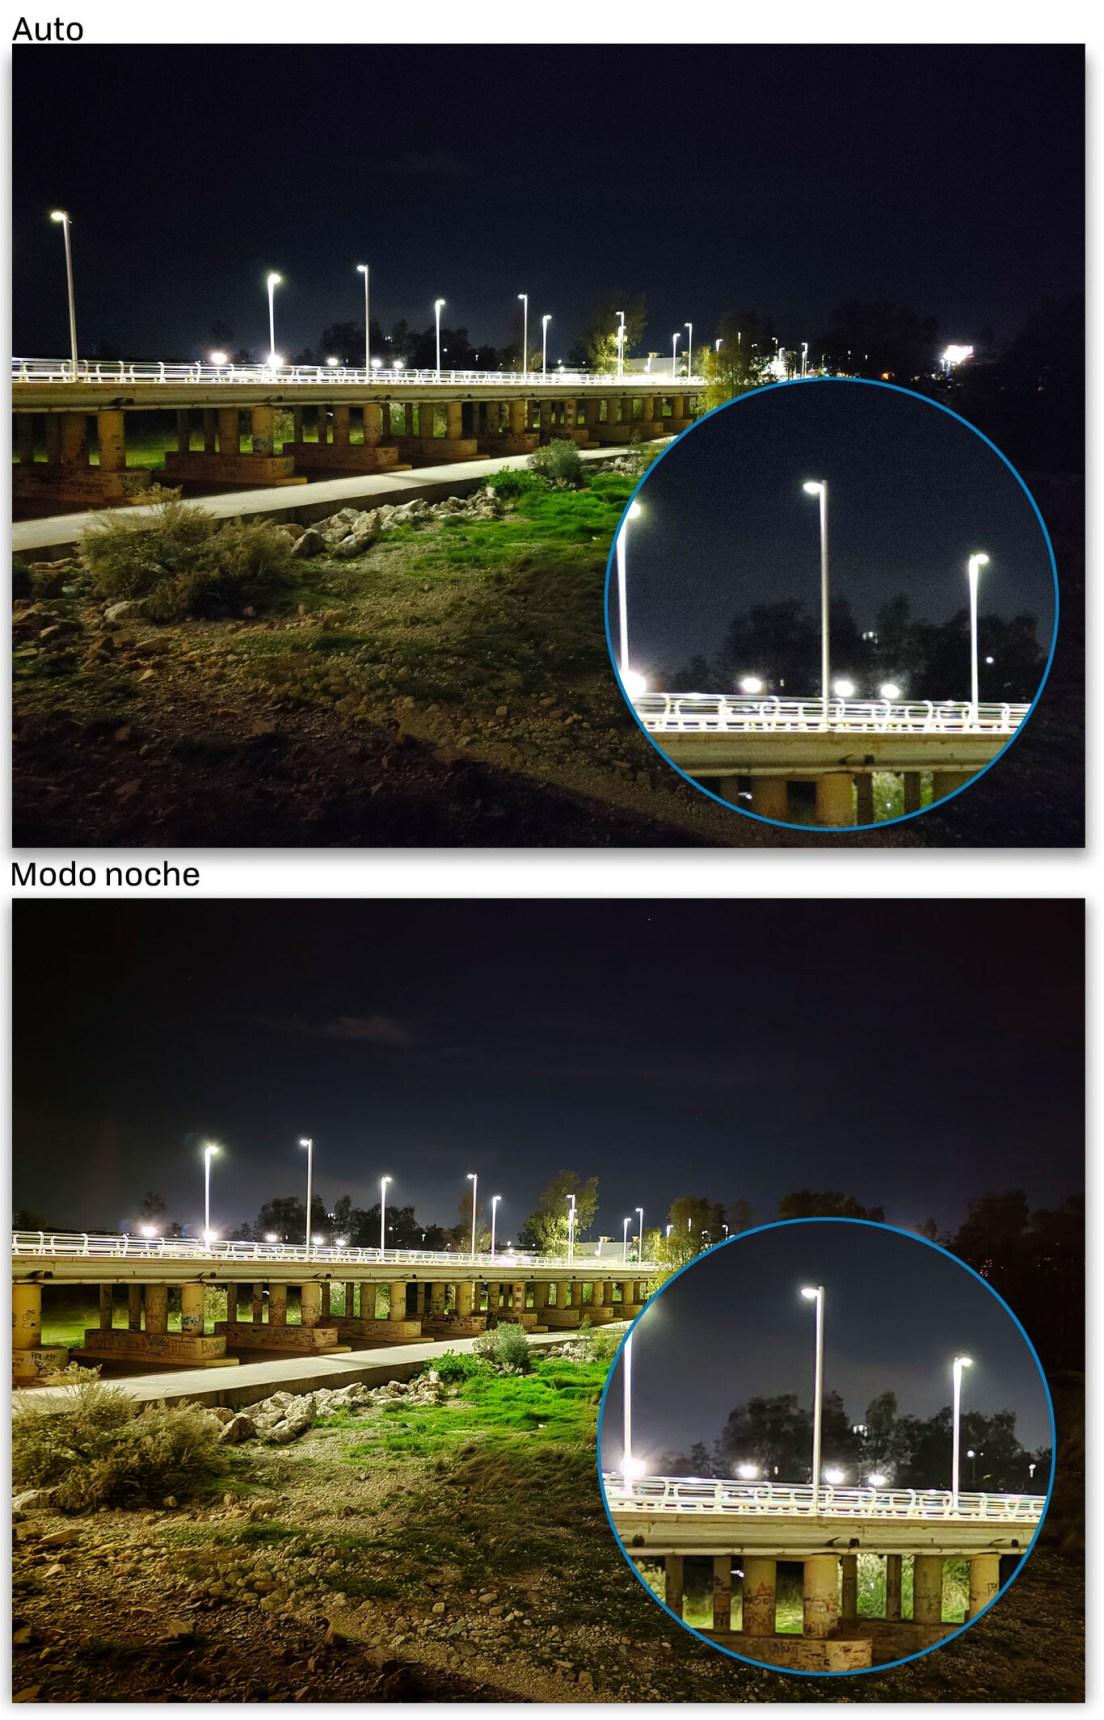 Realme 8 Pro Auto Noche 01